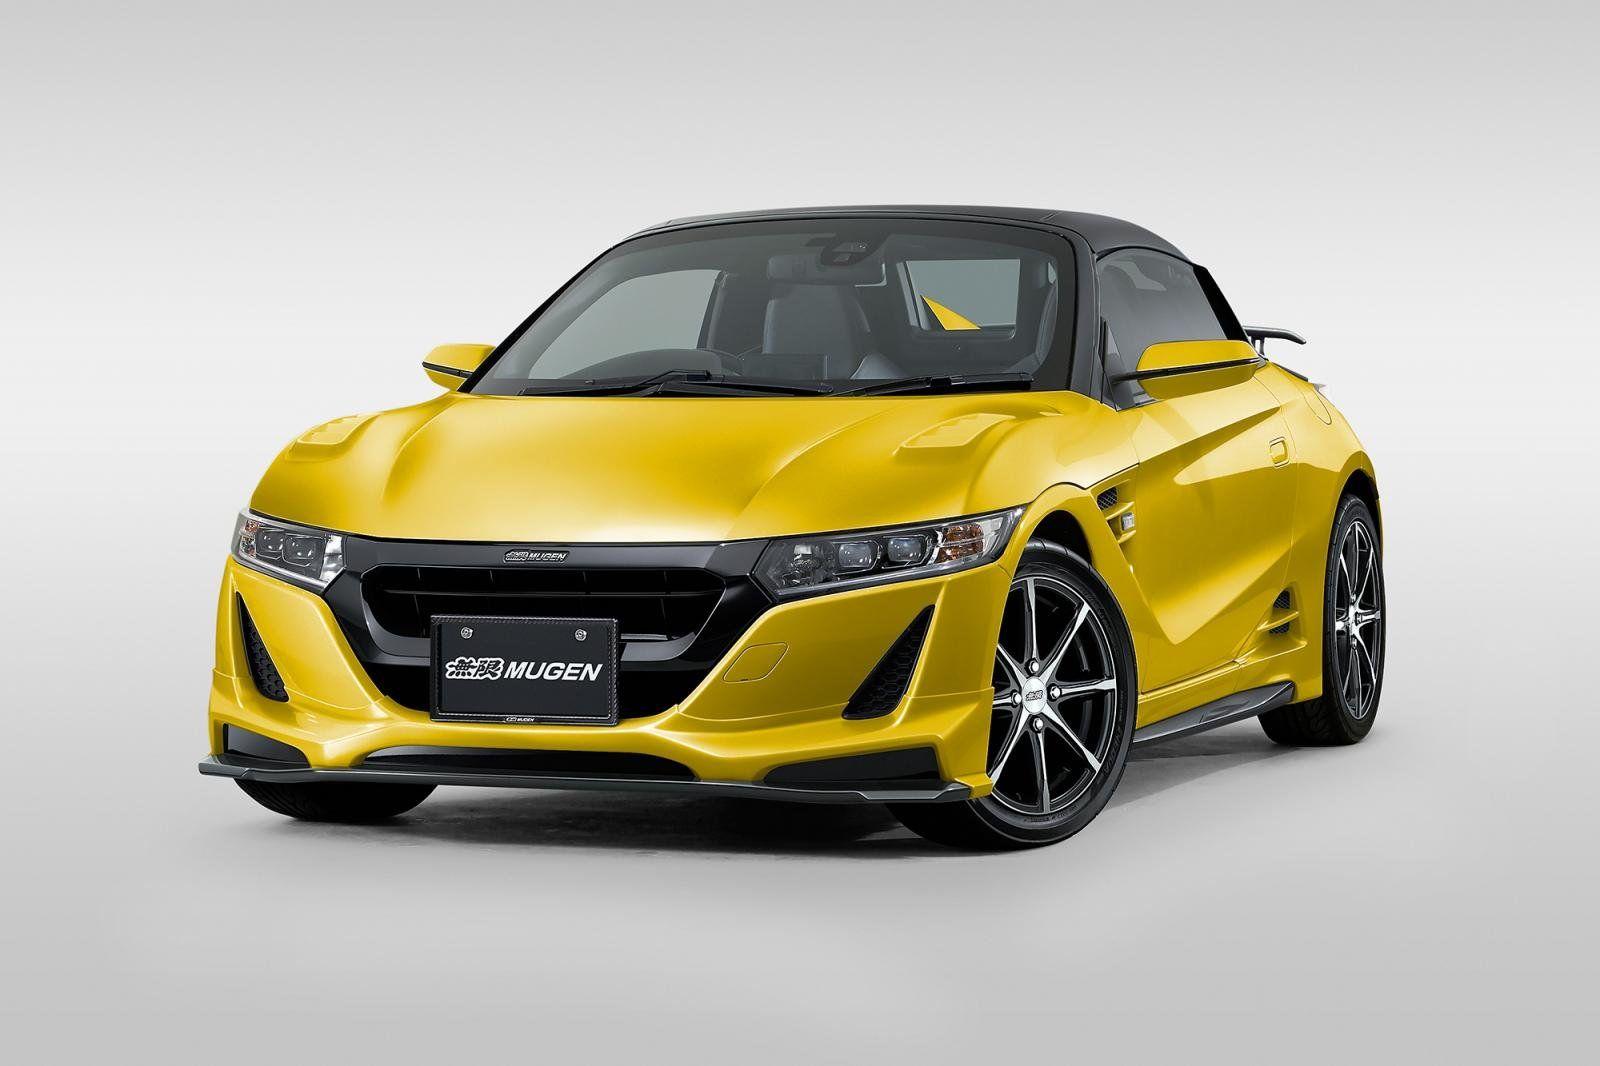 Fb6 civic Honda fb6 Honda civic coupe, 2015 honda